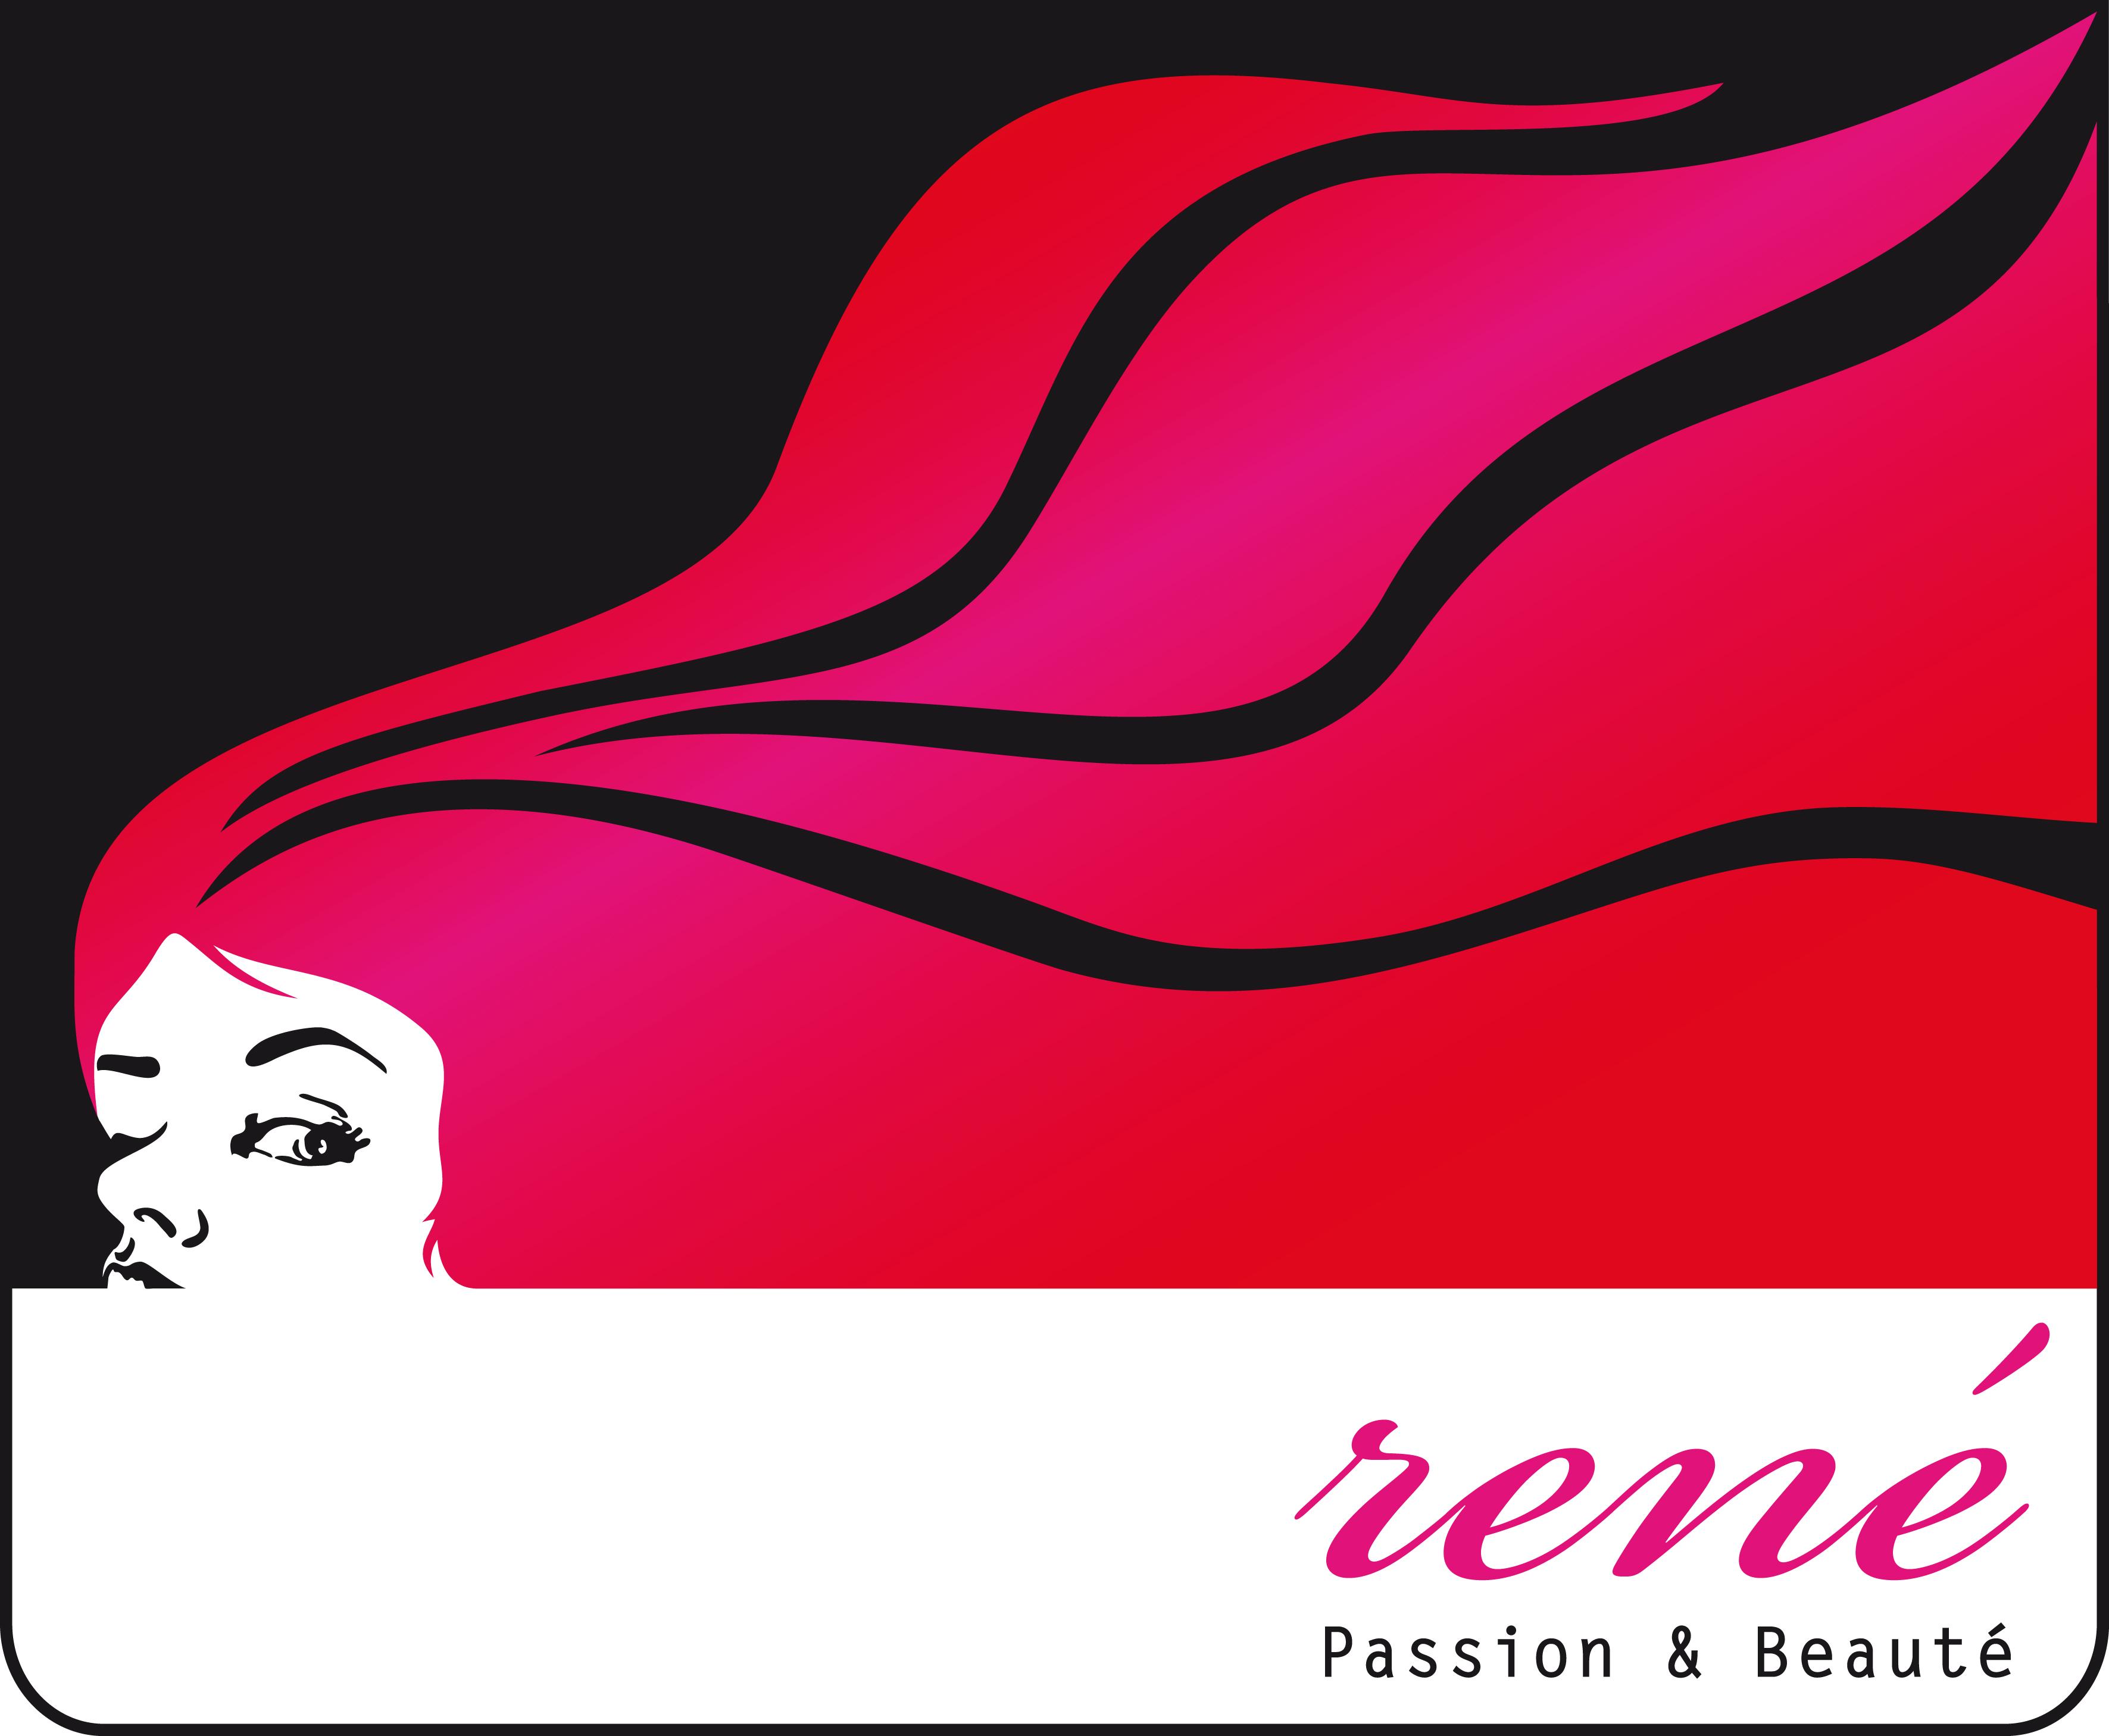 Passion Beauté René